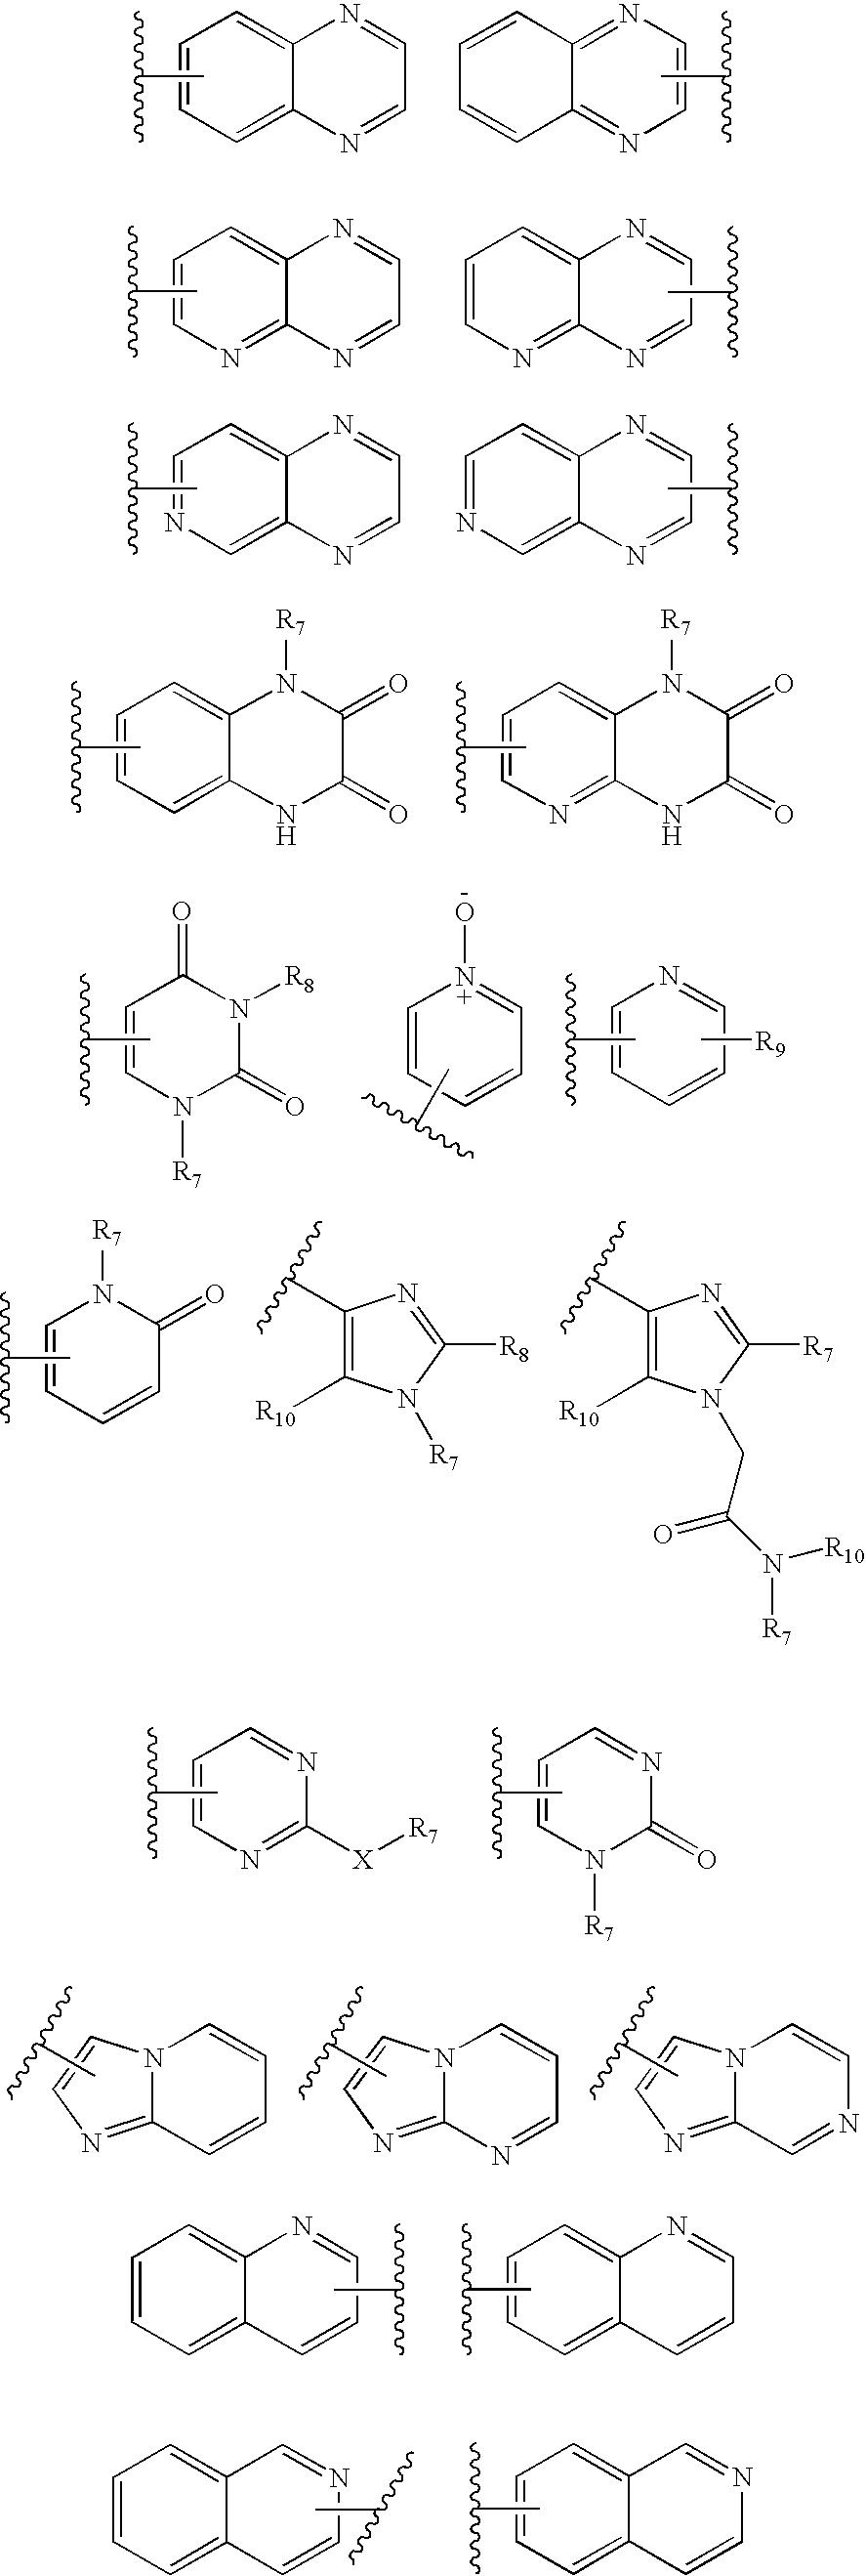 Figure US07531542-20090512-C00120